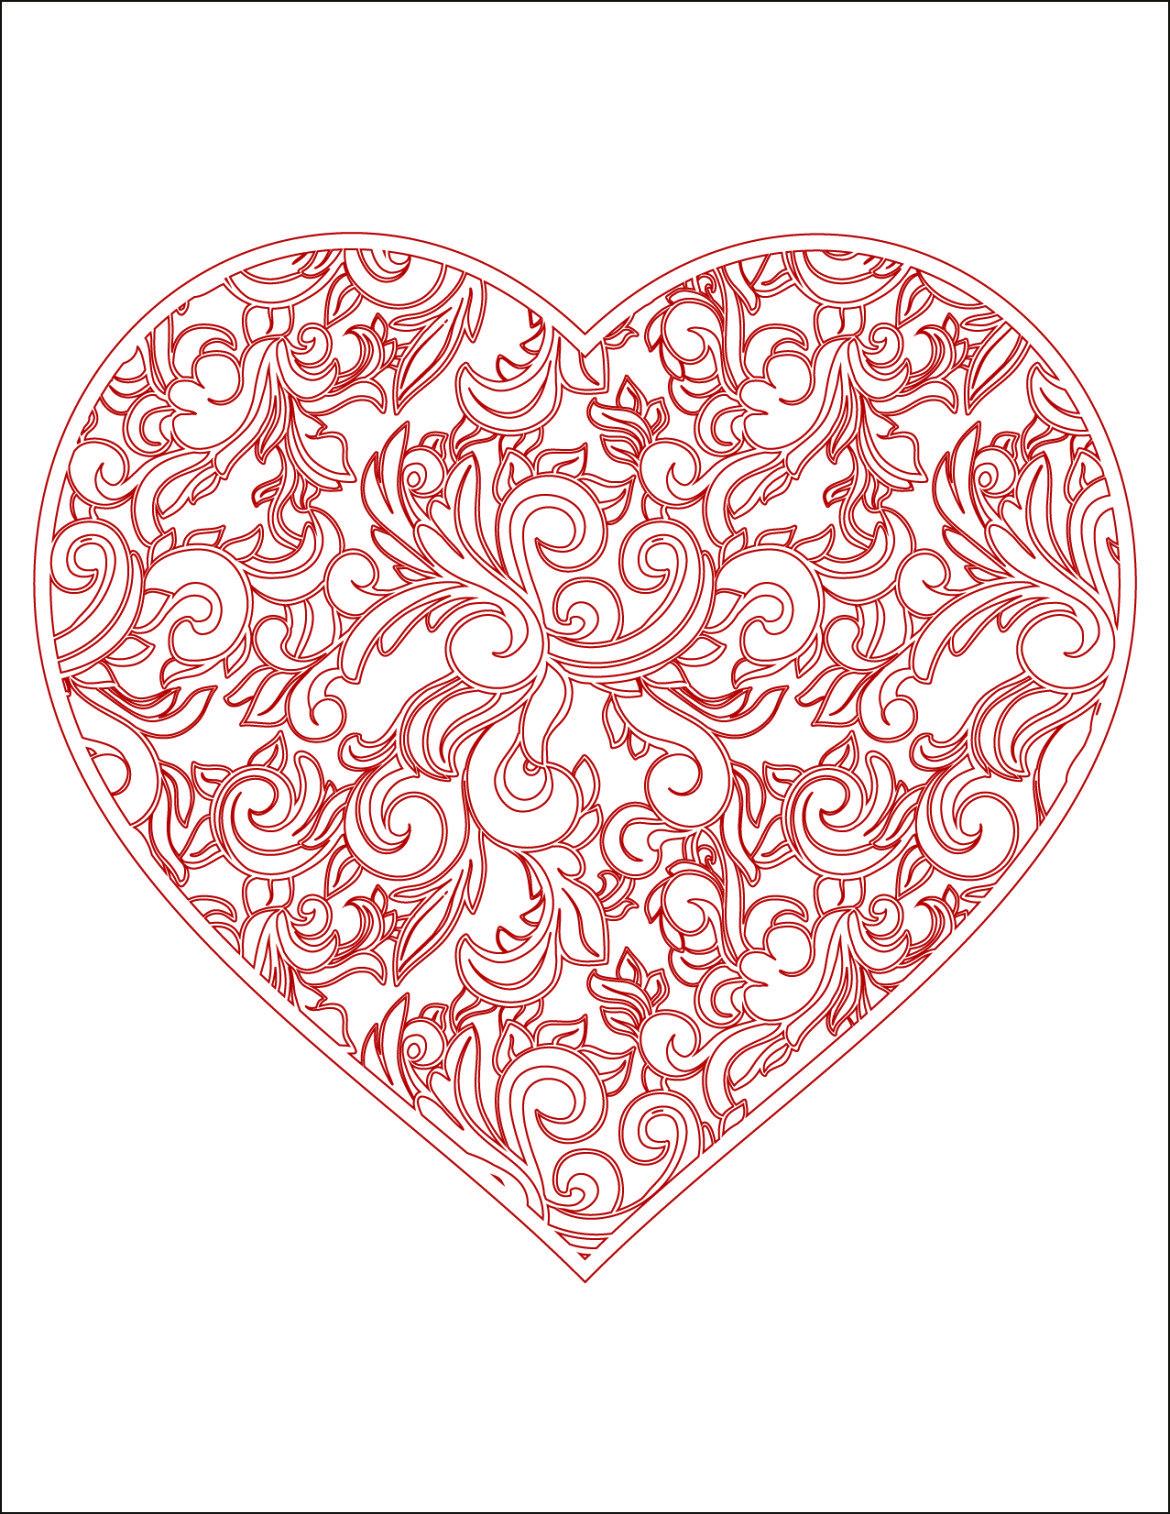 Coloriage gratuit coeur doodle rouge